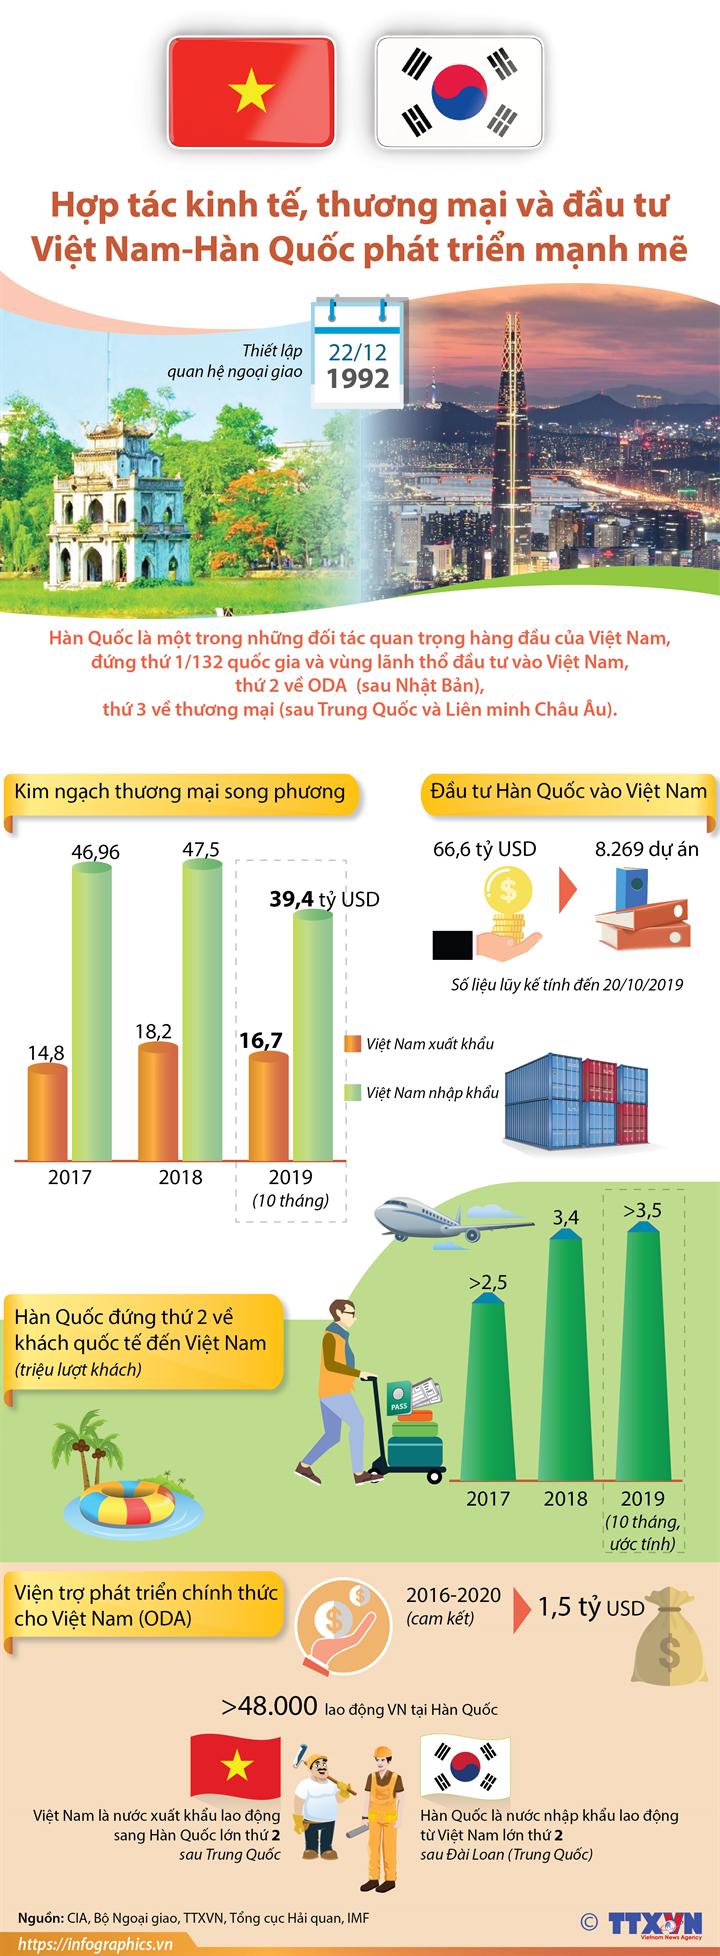 Hợp tác kinh tế, thương mại và đầu tư Việt Nam-Hàn Quốc phát triển mạnh mẽ